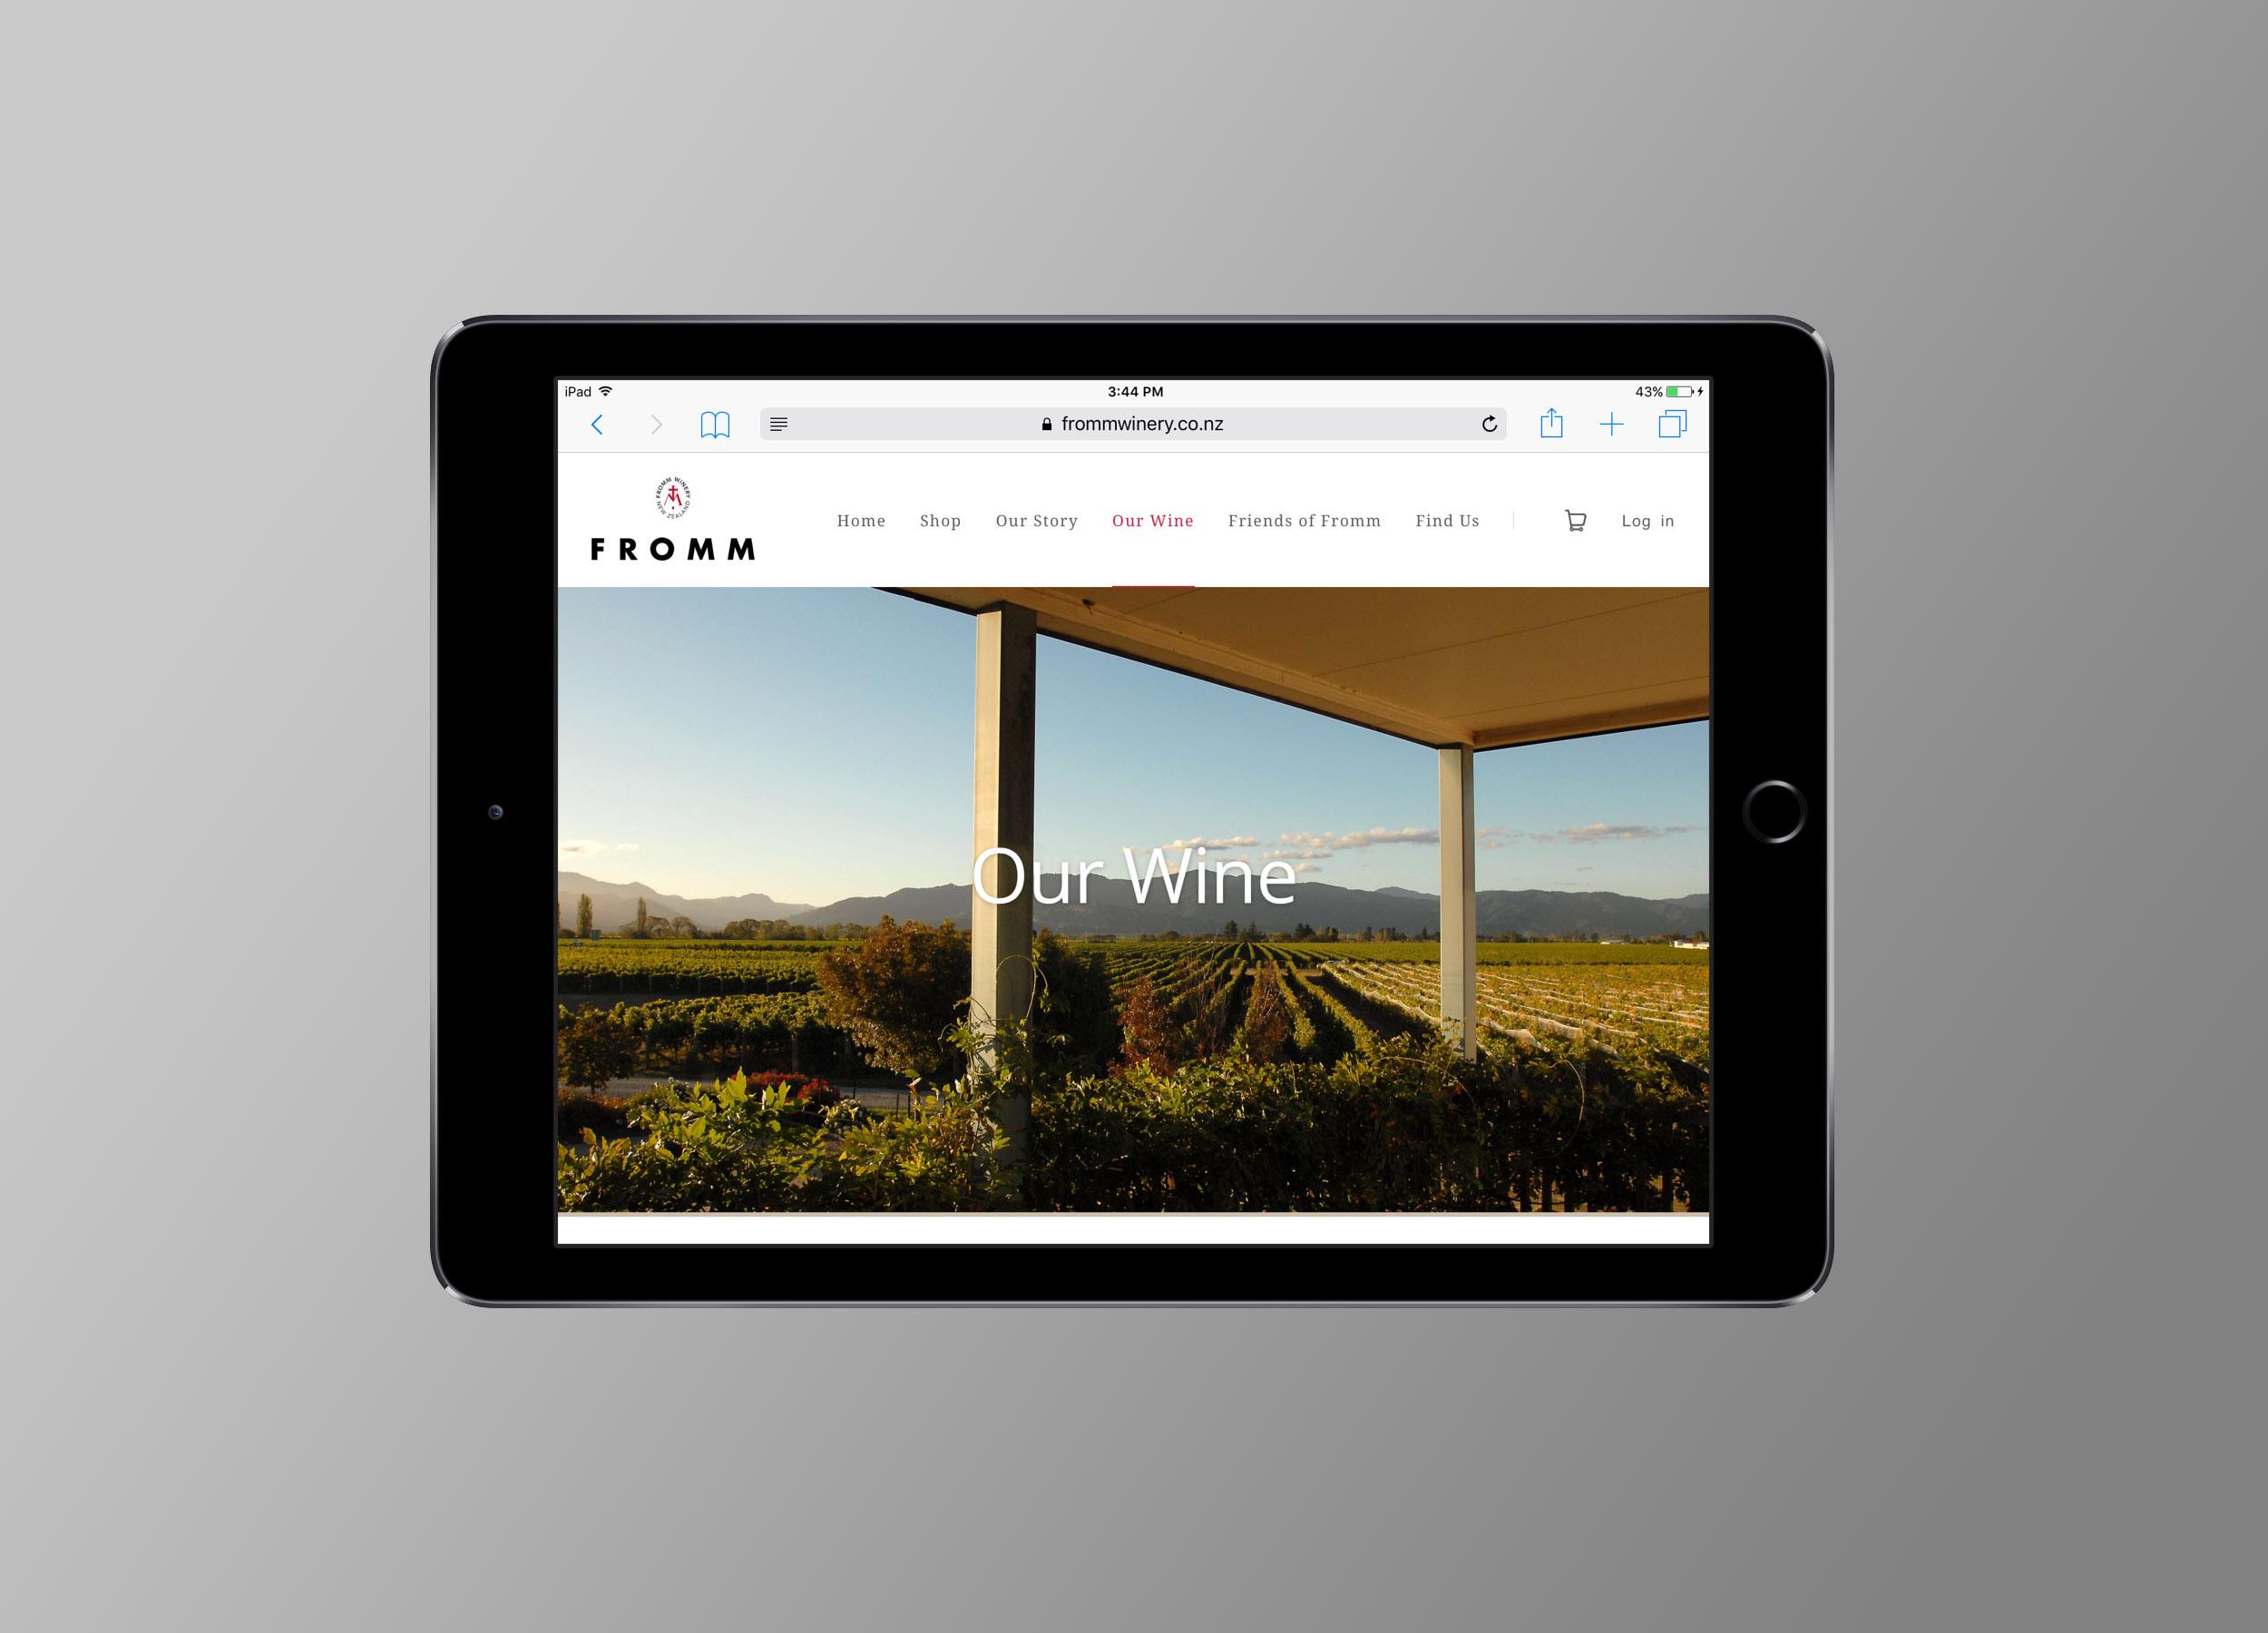 Fromm-ipad2-wine.jpg